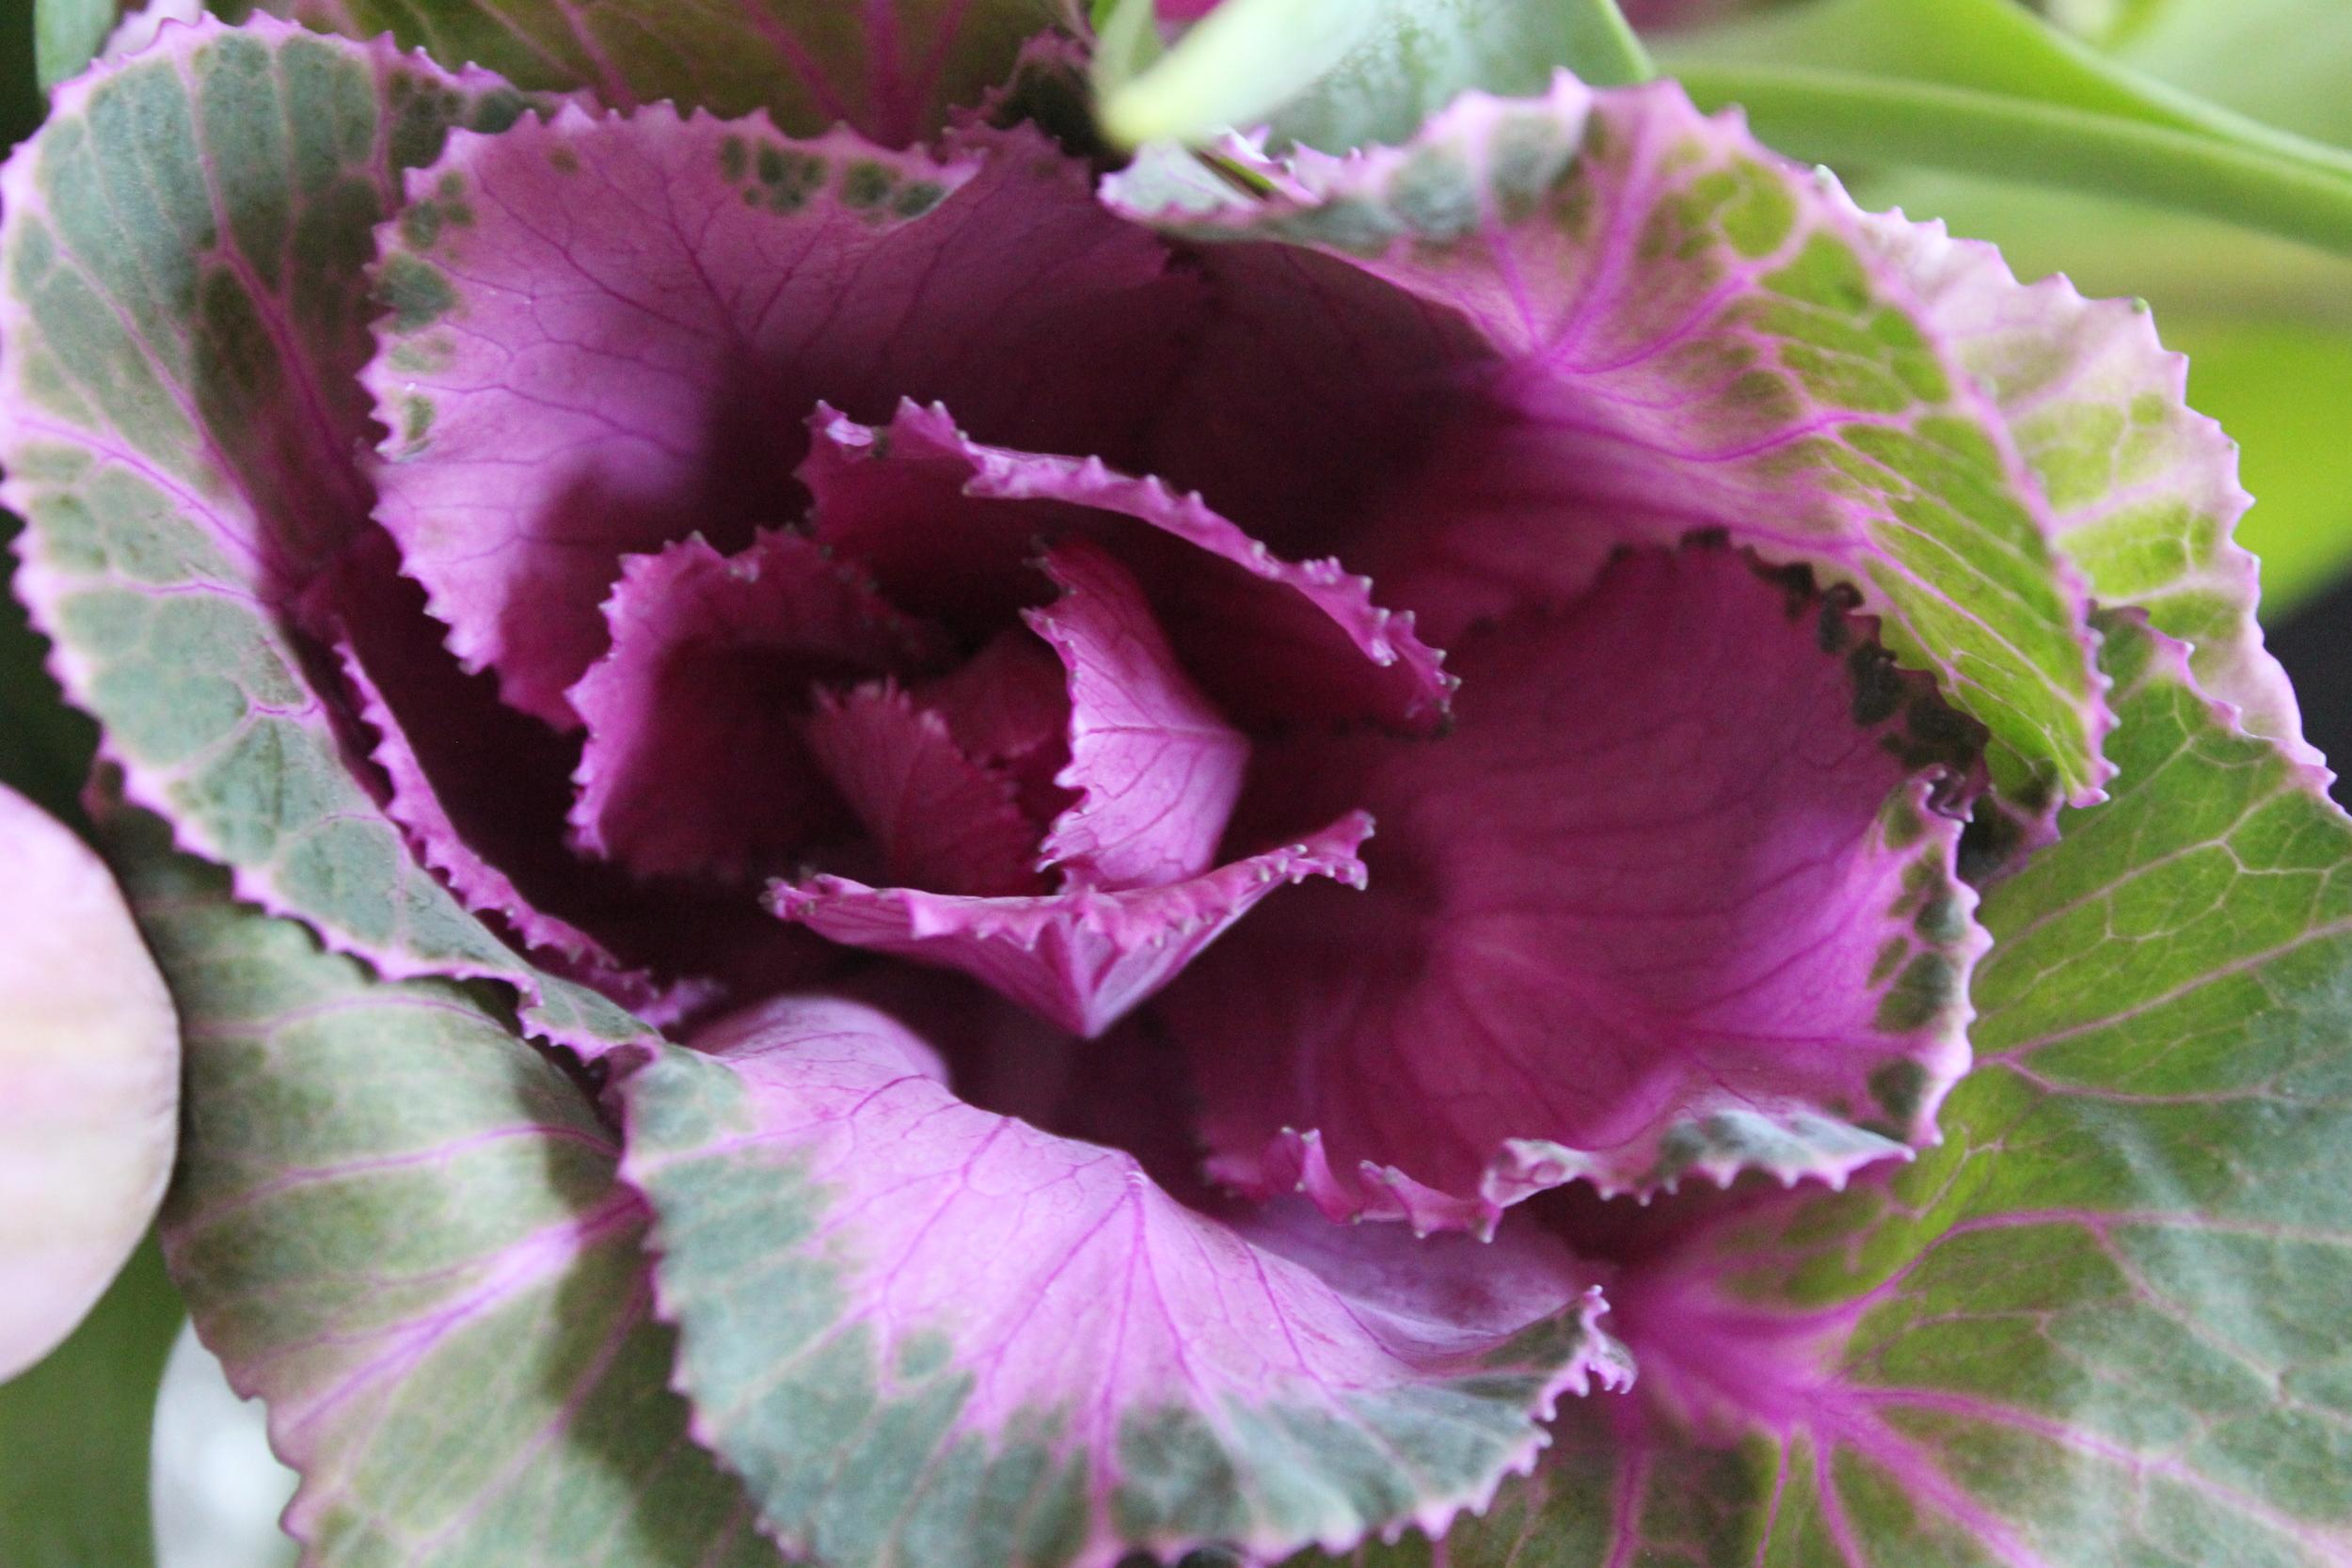 Beautiful kale flowers - Fancy Casual www.fancycasual.com